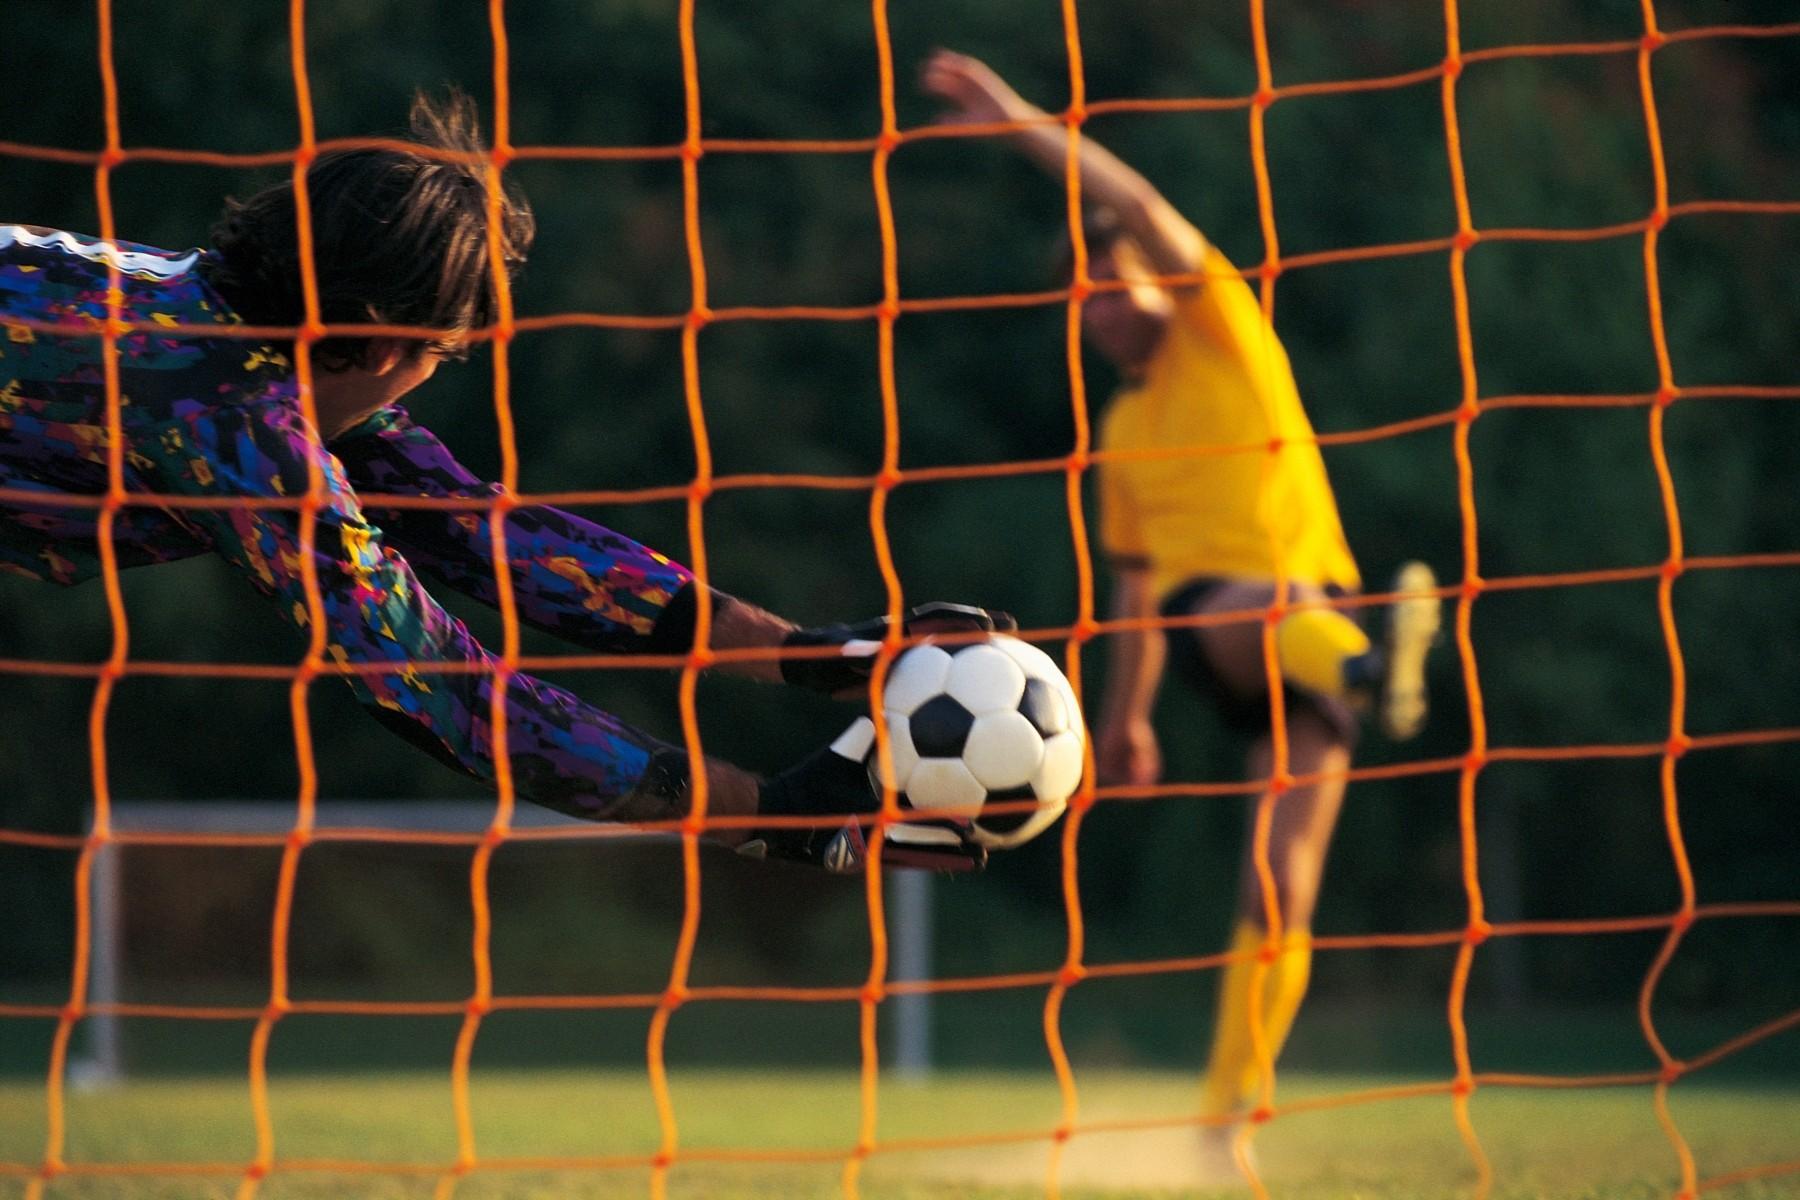 Que Significa Sonar Jugando Futbol La Brujeria Blanca